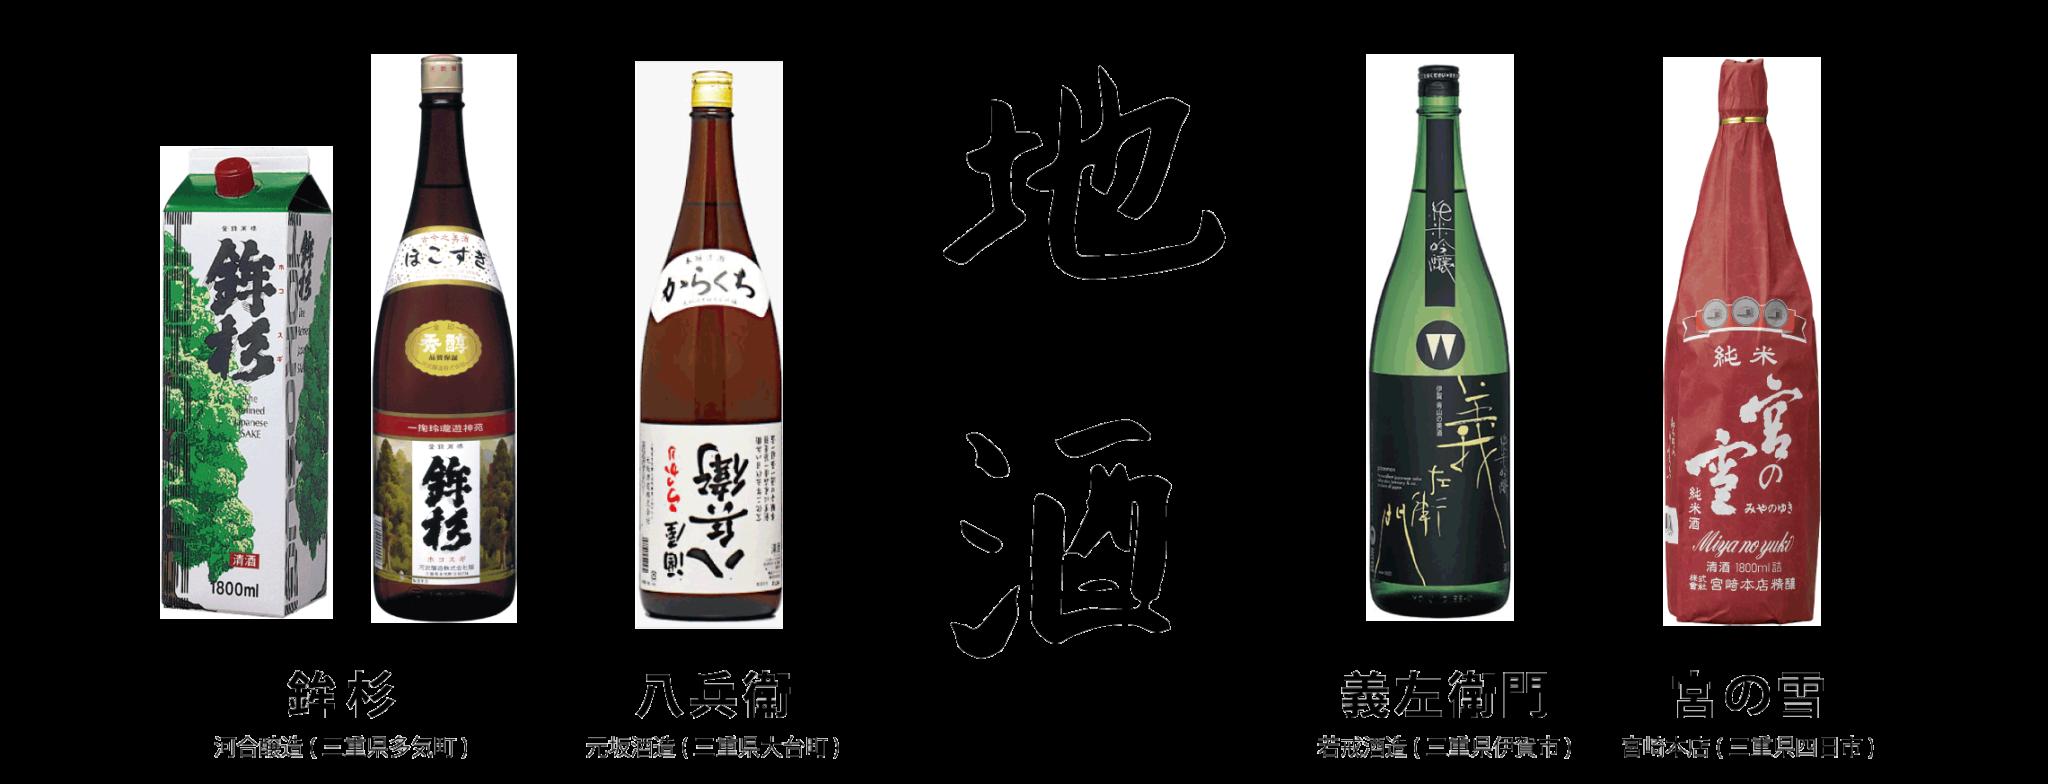 三重県地酒飲み比べ